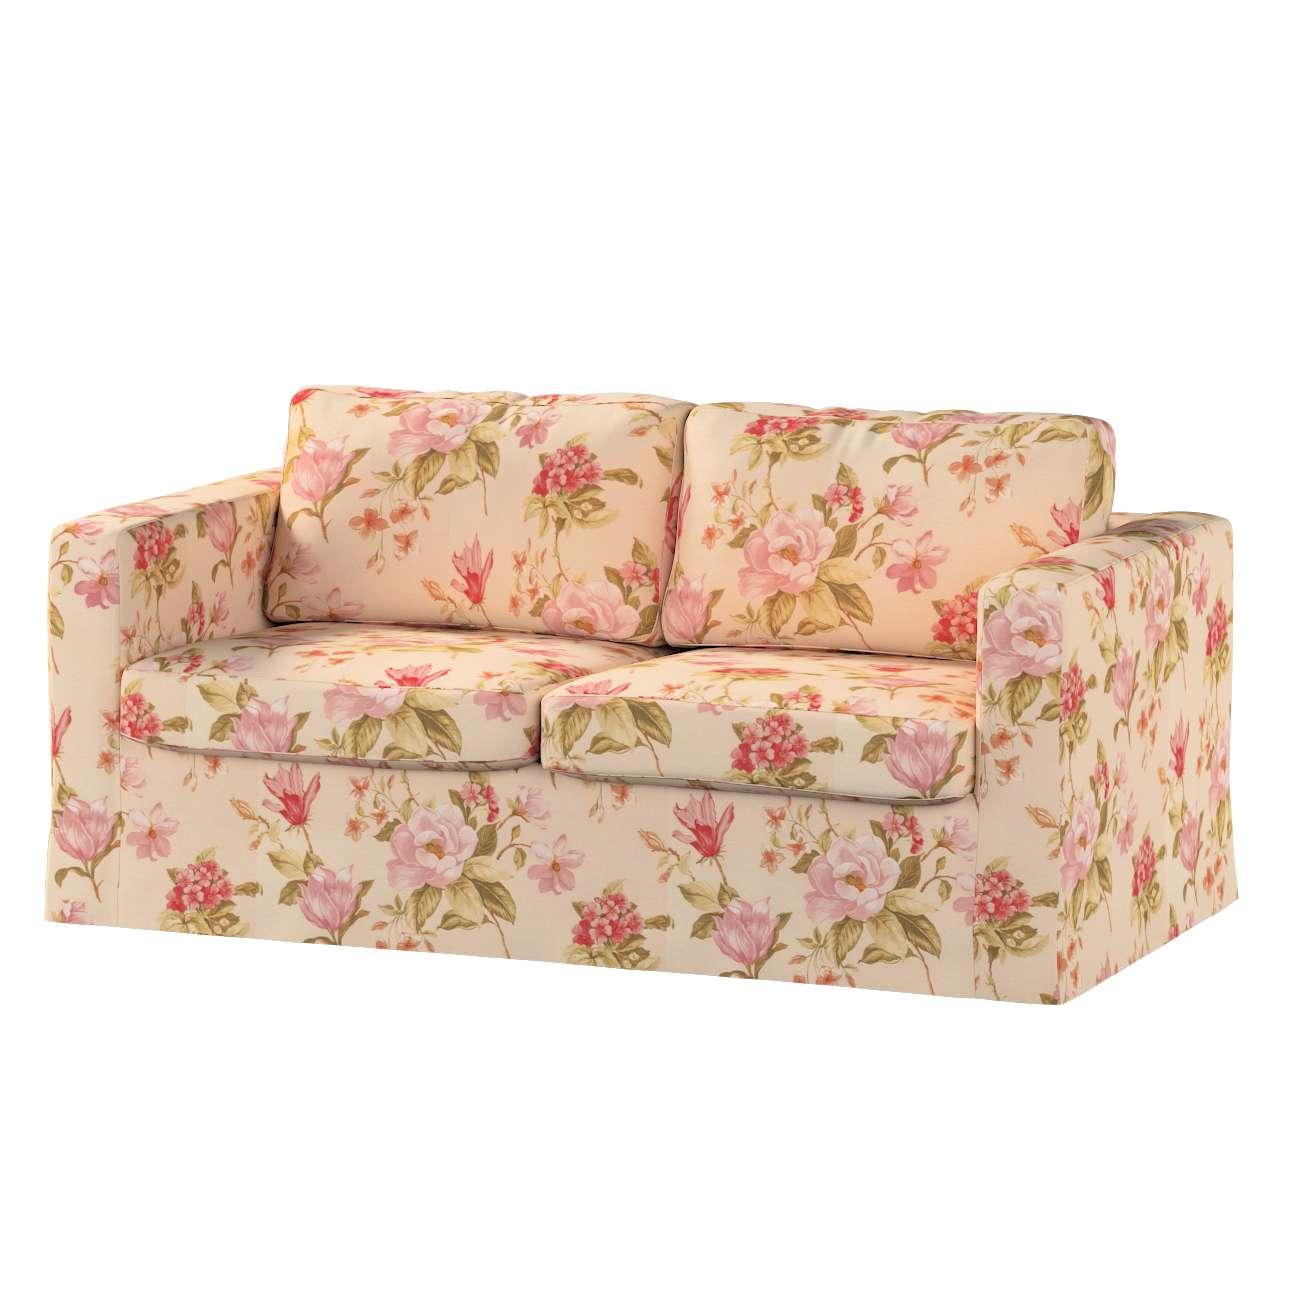 Pokrowiec na sofę Karlstad 2-osobową nierozkładaną długi Sofa Karlstad 2-osobowa w kolekcji Londres, tkanina: 123-05